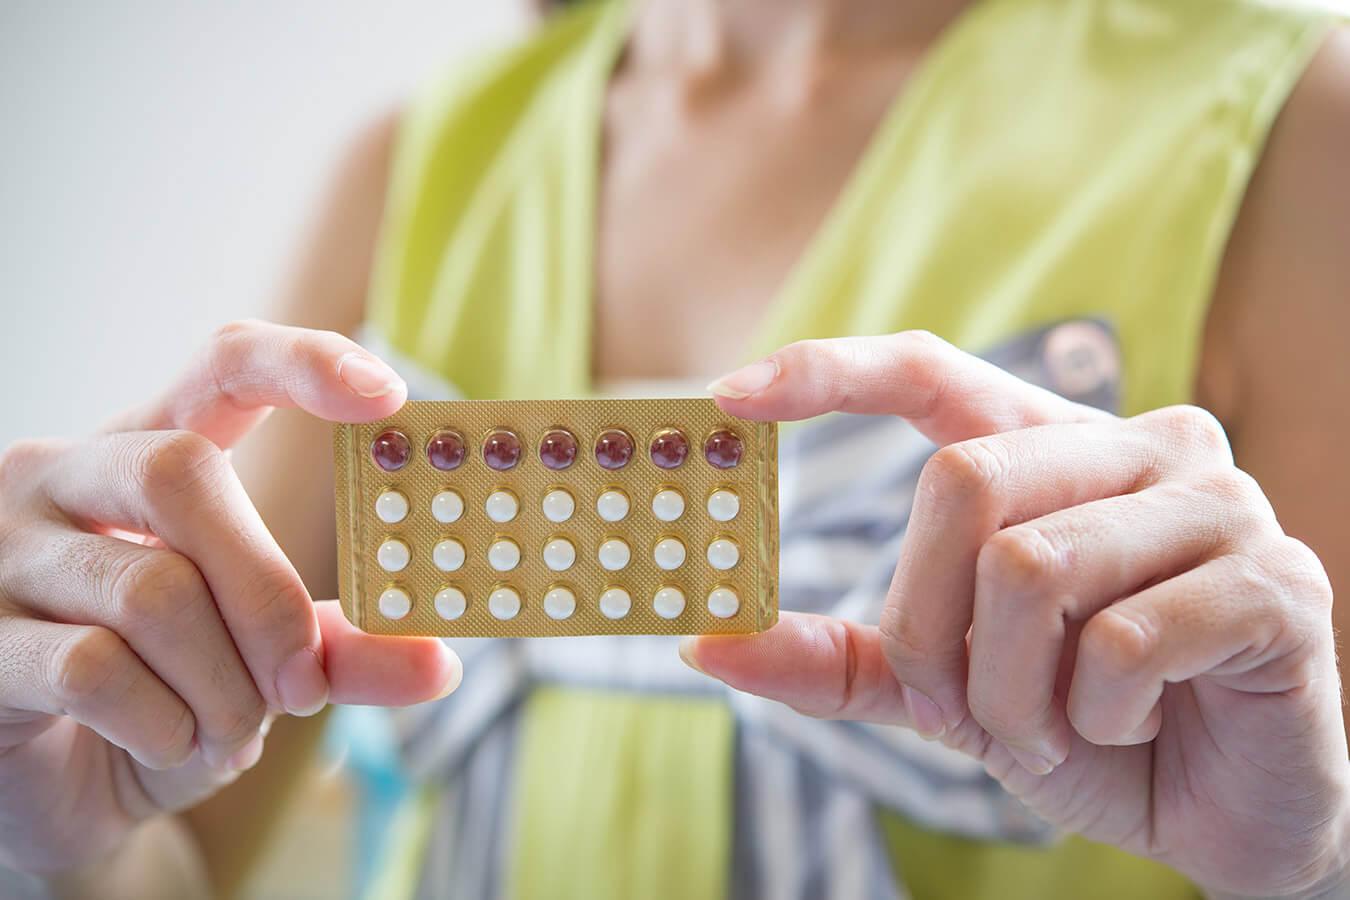 Tabletki antykoncepcyjne – nazwy tabletek antykoncepcyjnych